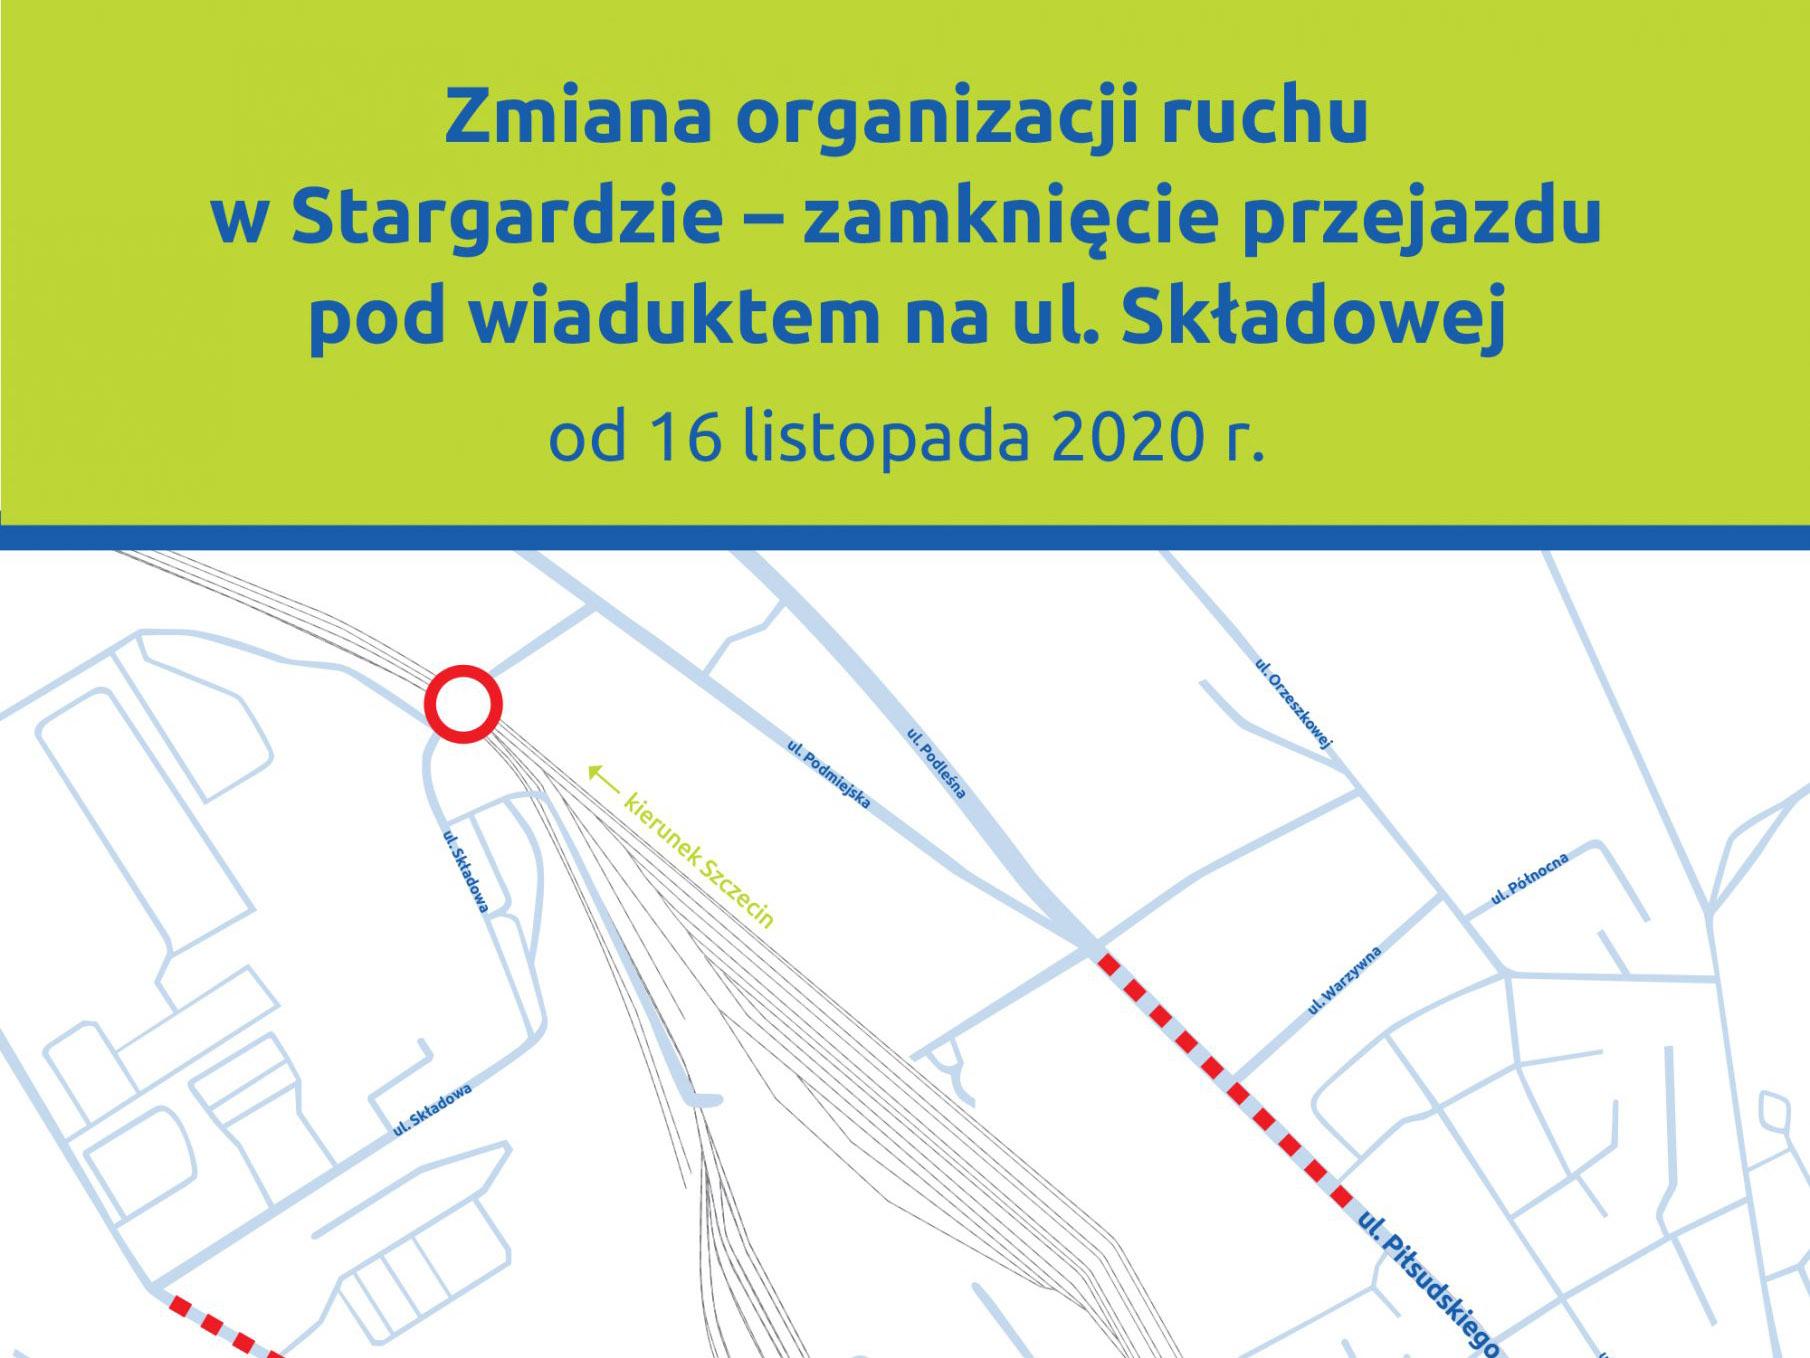 Infografika przedstawia schemat zmiany organizacji ruchu w Stargardzie pod wiaduktem na ul. Składowej